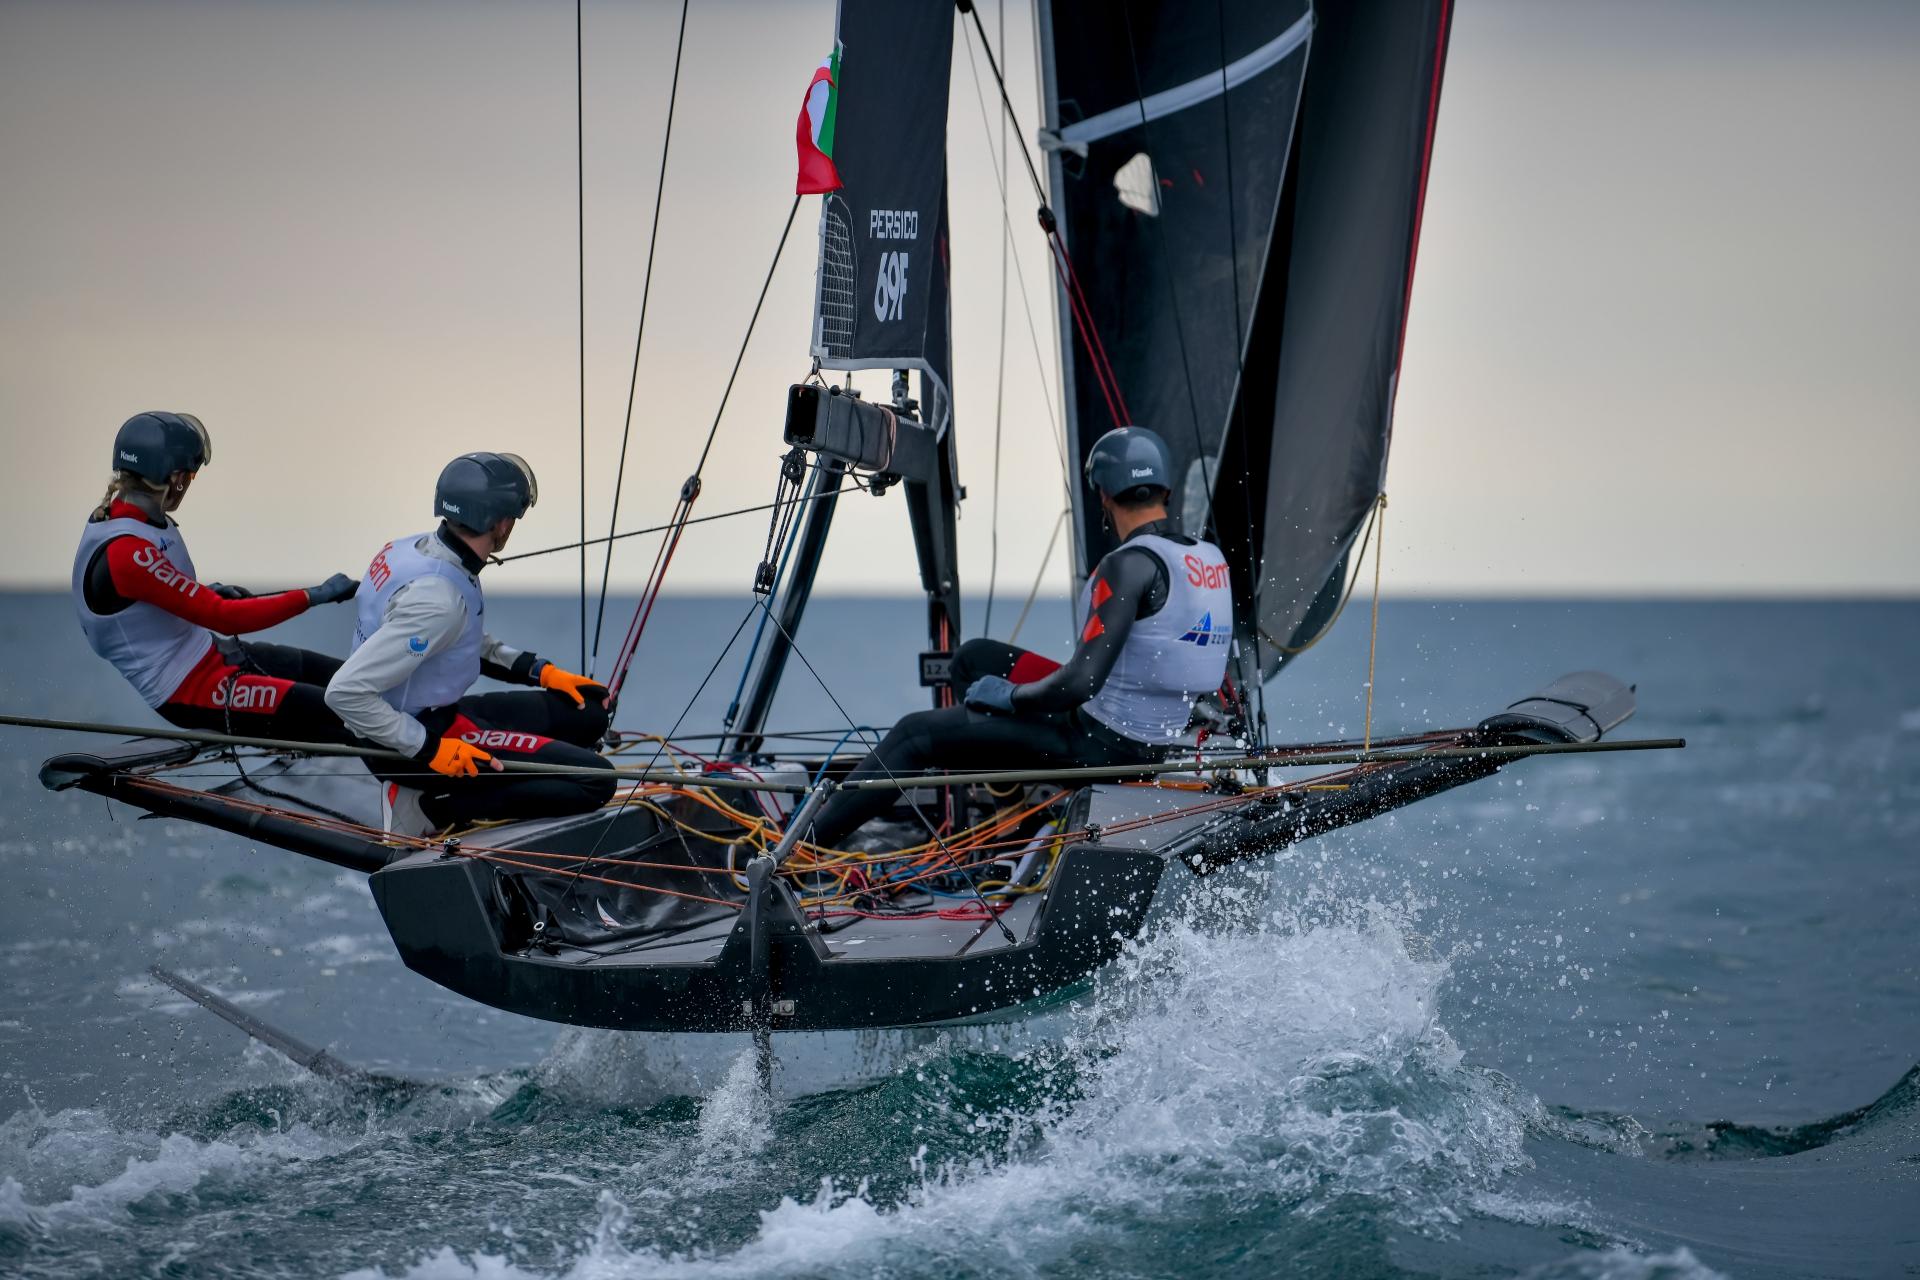 Young Azzurra guida la classifica provvisoria del primo turno dei knock out - MEMBER NEWS - Yacht Club Costa Smeralda